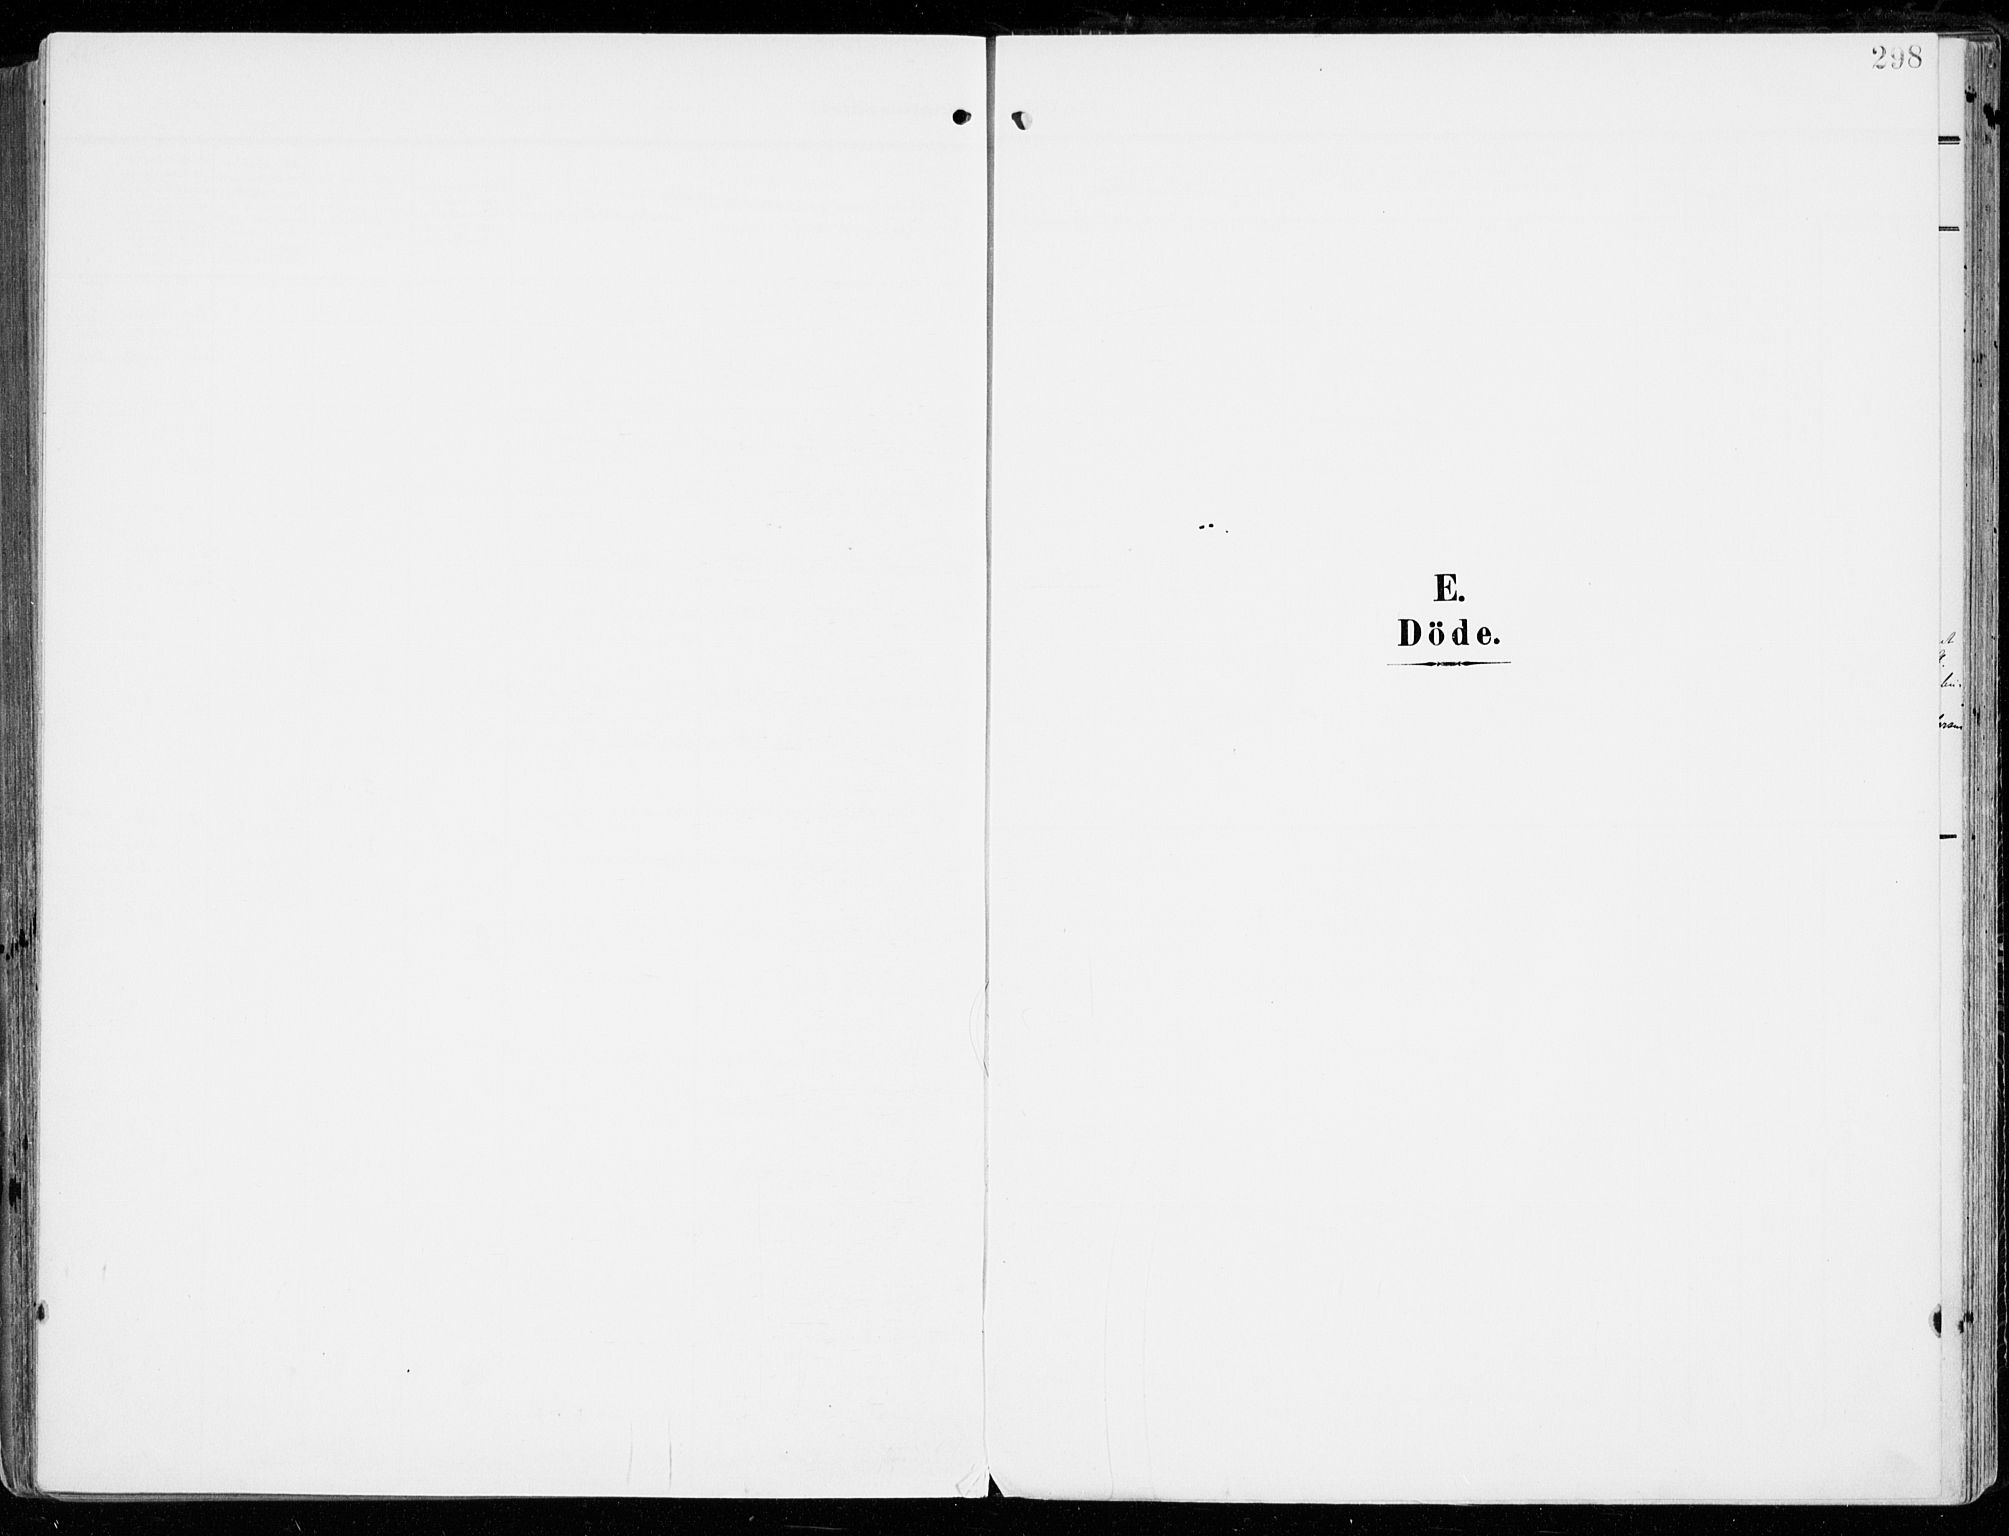 SAKO, Tjølling kirkebøker, F/Fa/L0010: Ministerialbok nr. 10, 1906-1923, s. 298